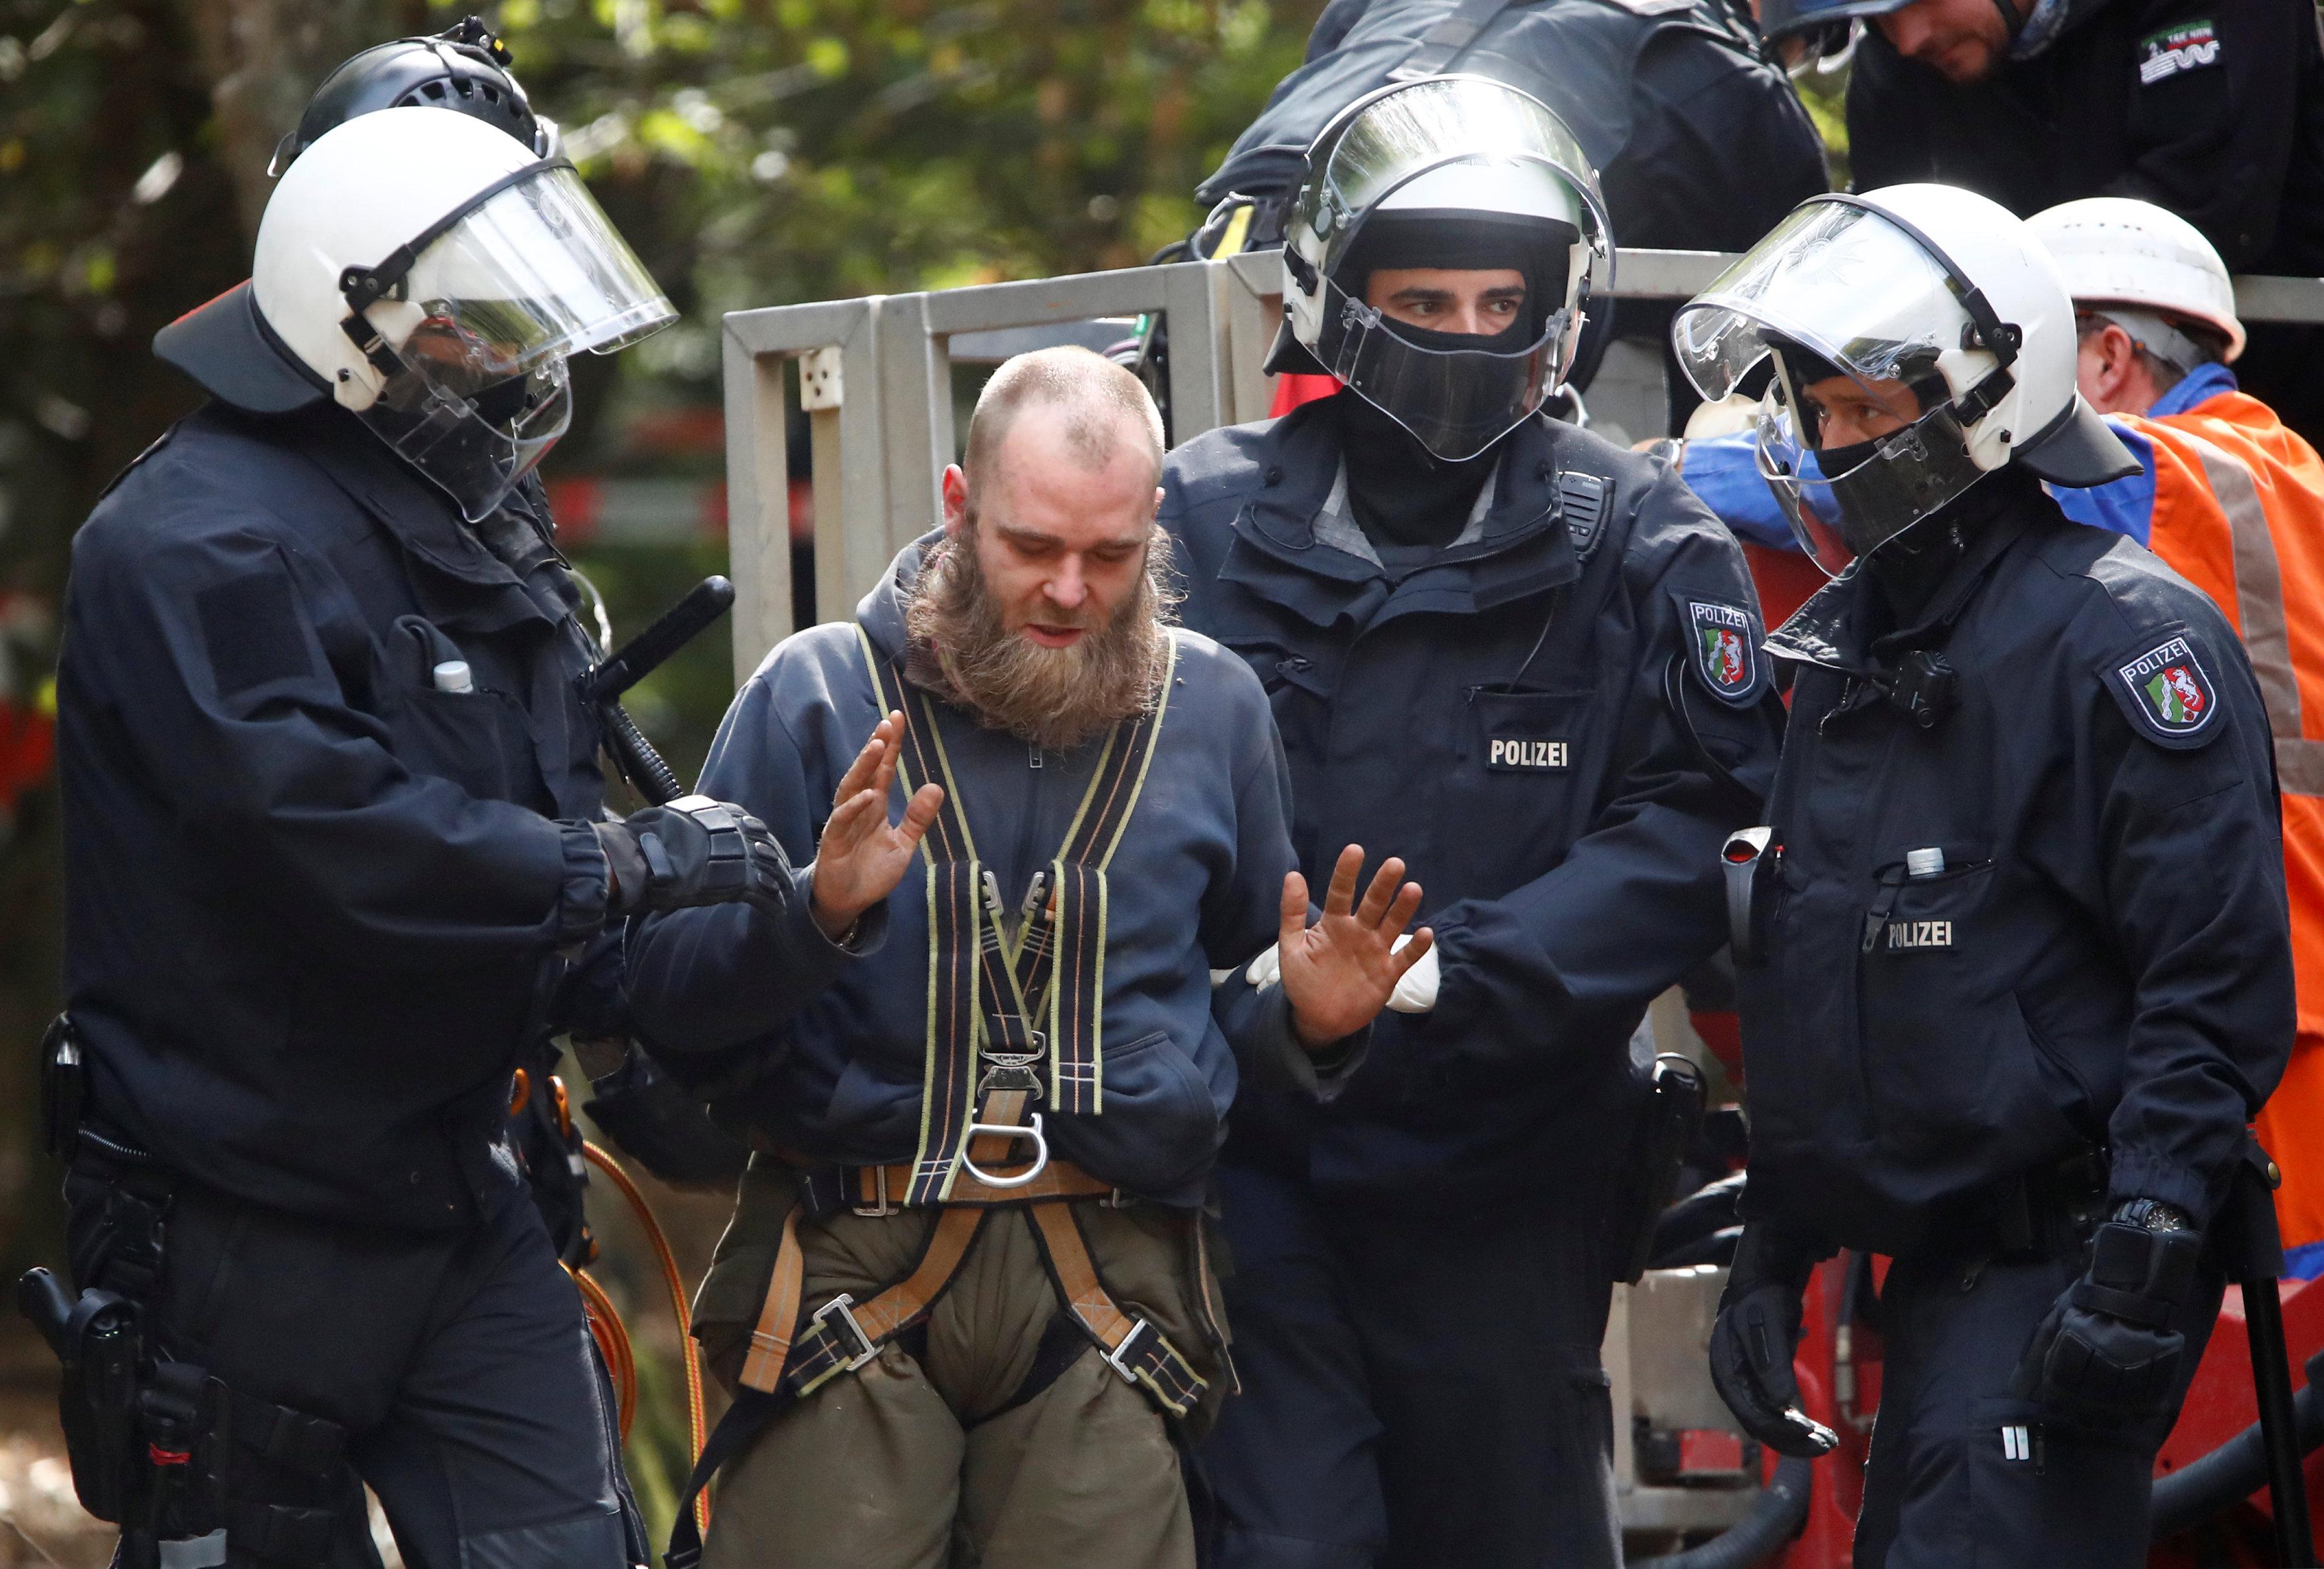 الشرطة تعتقل ناشط